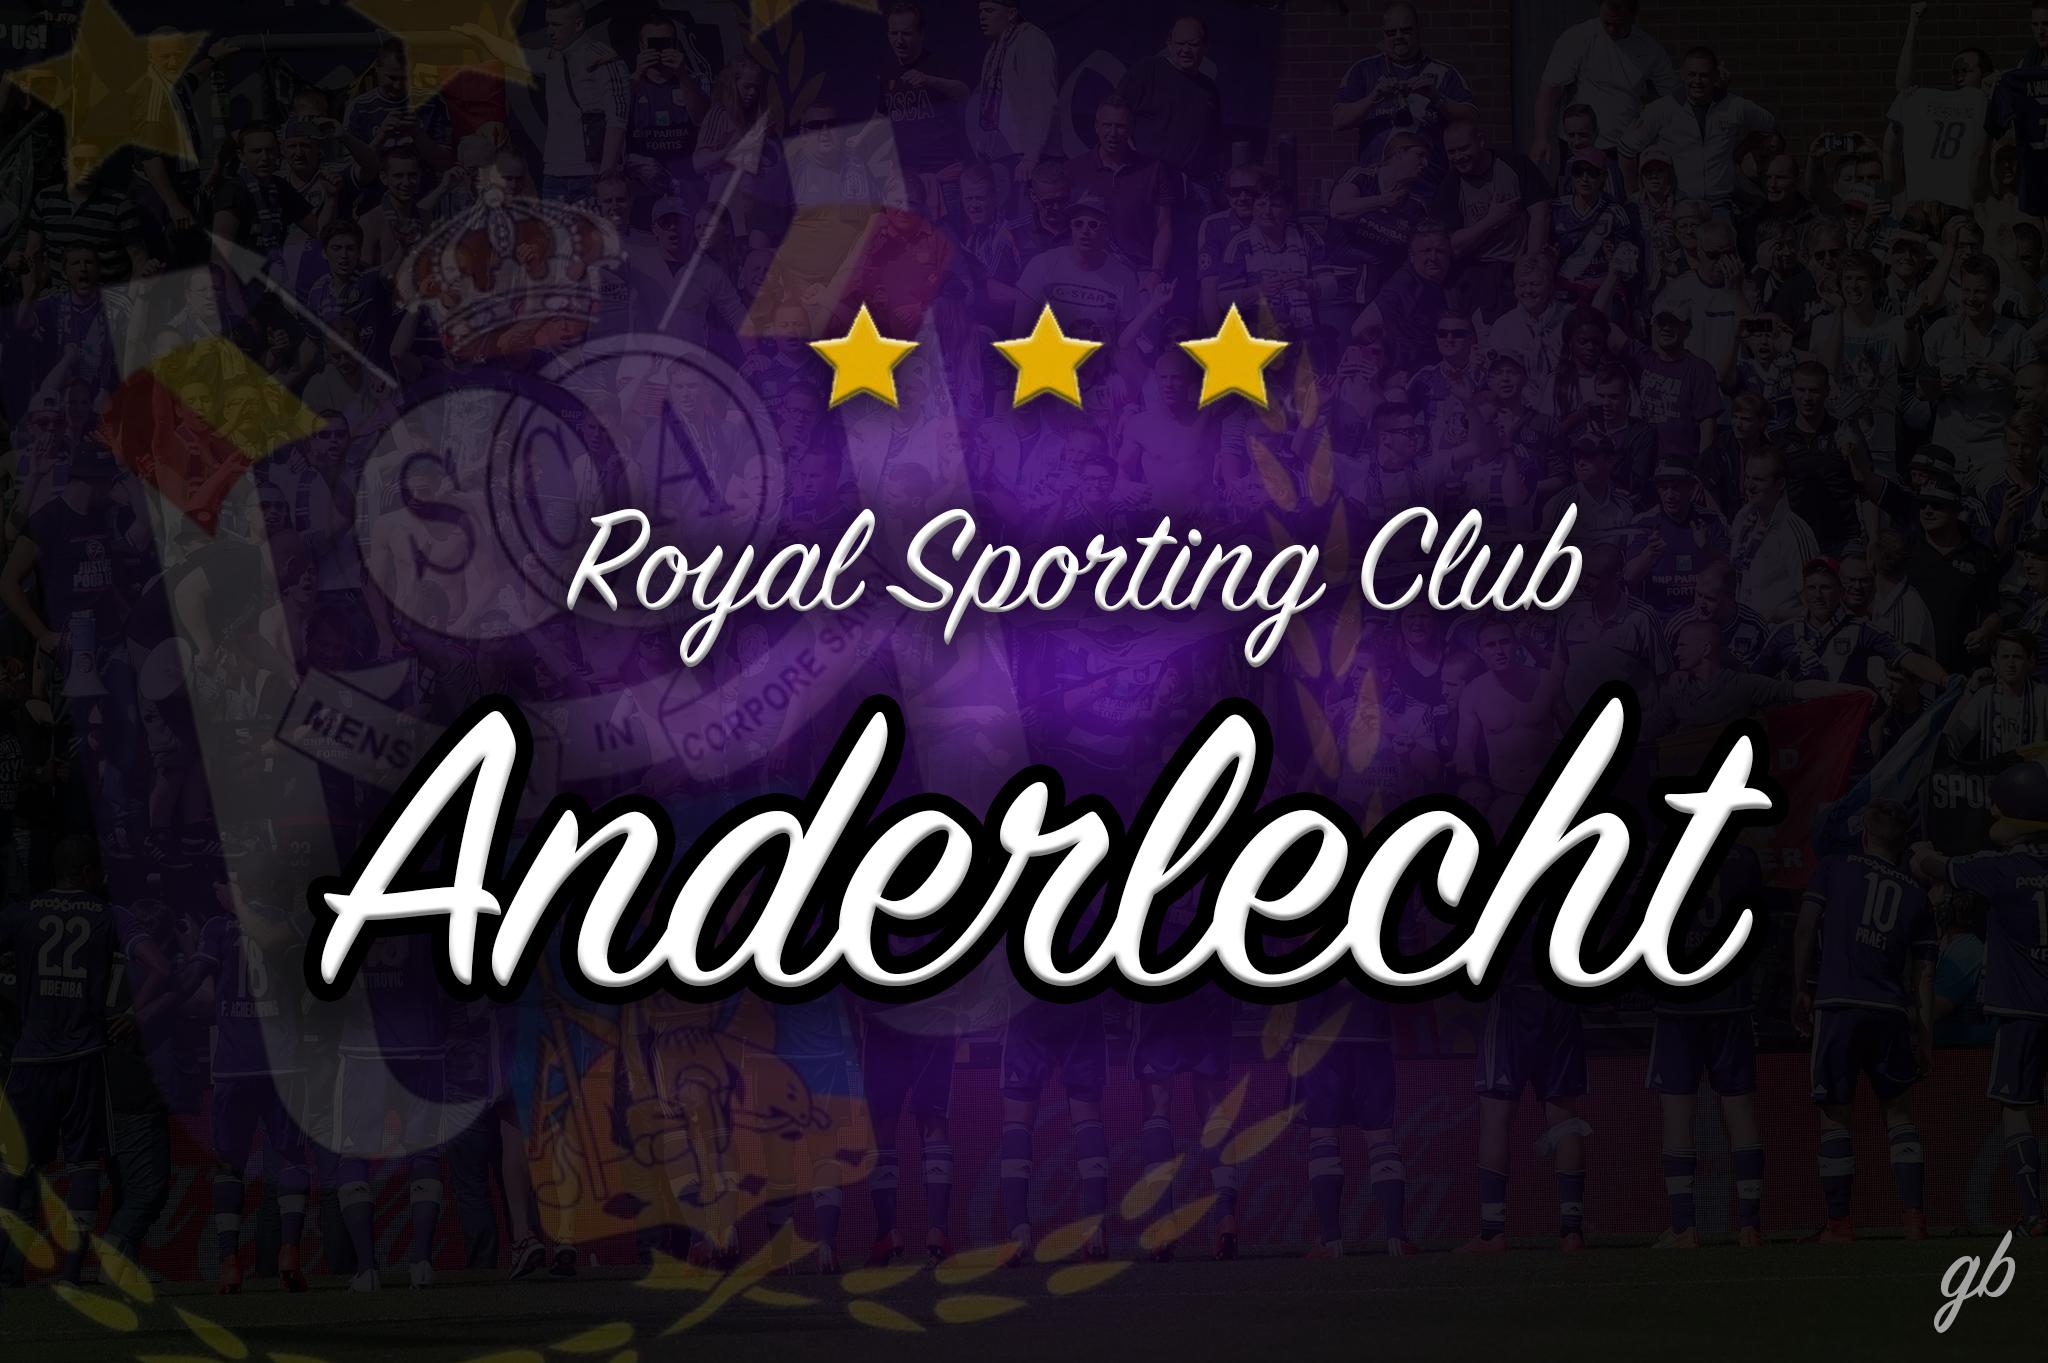 Chancel Mbemba Wallpaper: RSC Anderlecht Wallpaper